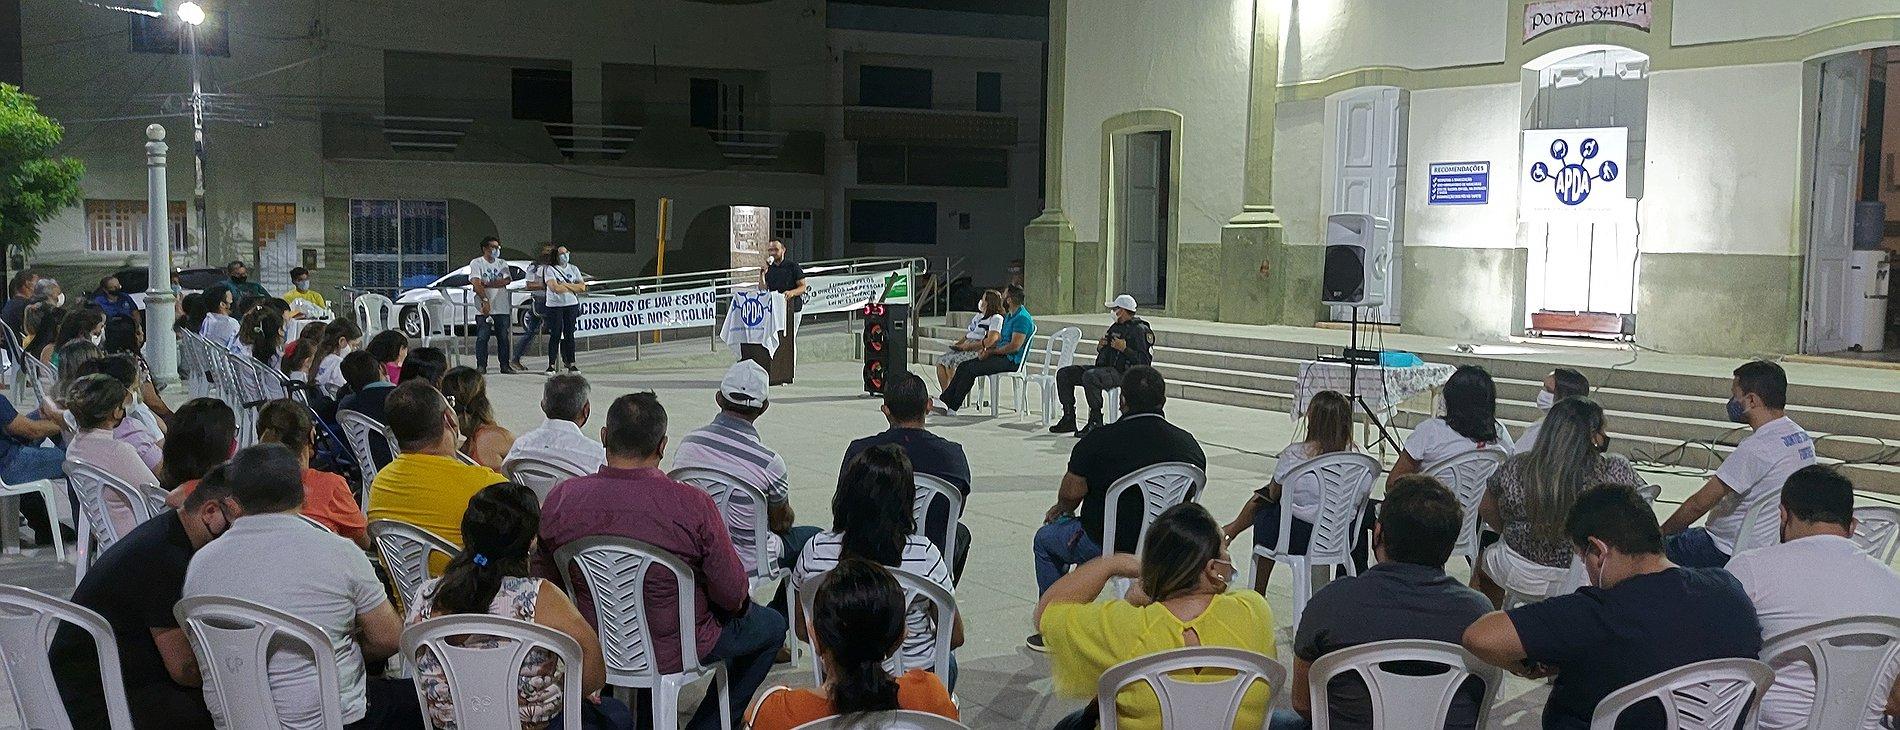 Vereadores prestigiam roda de conversa realizada pela Associação de Pessoas com Deficiência de Apodi